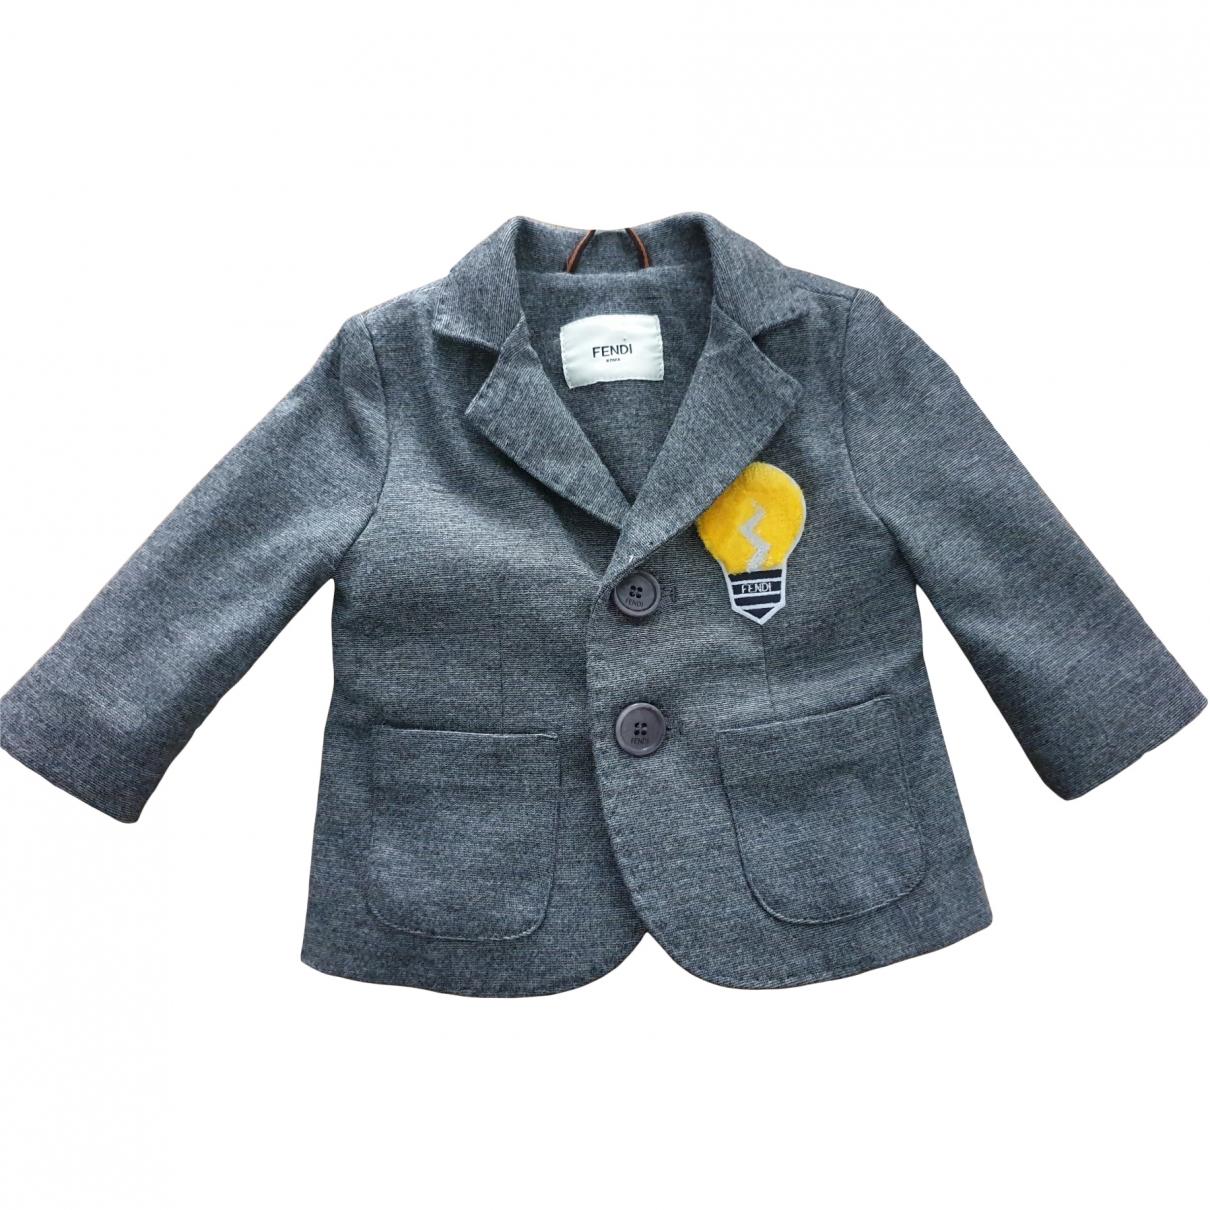 Fendi \N Grey jacket & coat for Kids 3 months - up to 60cm FR